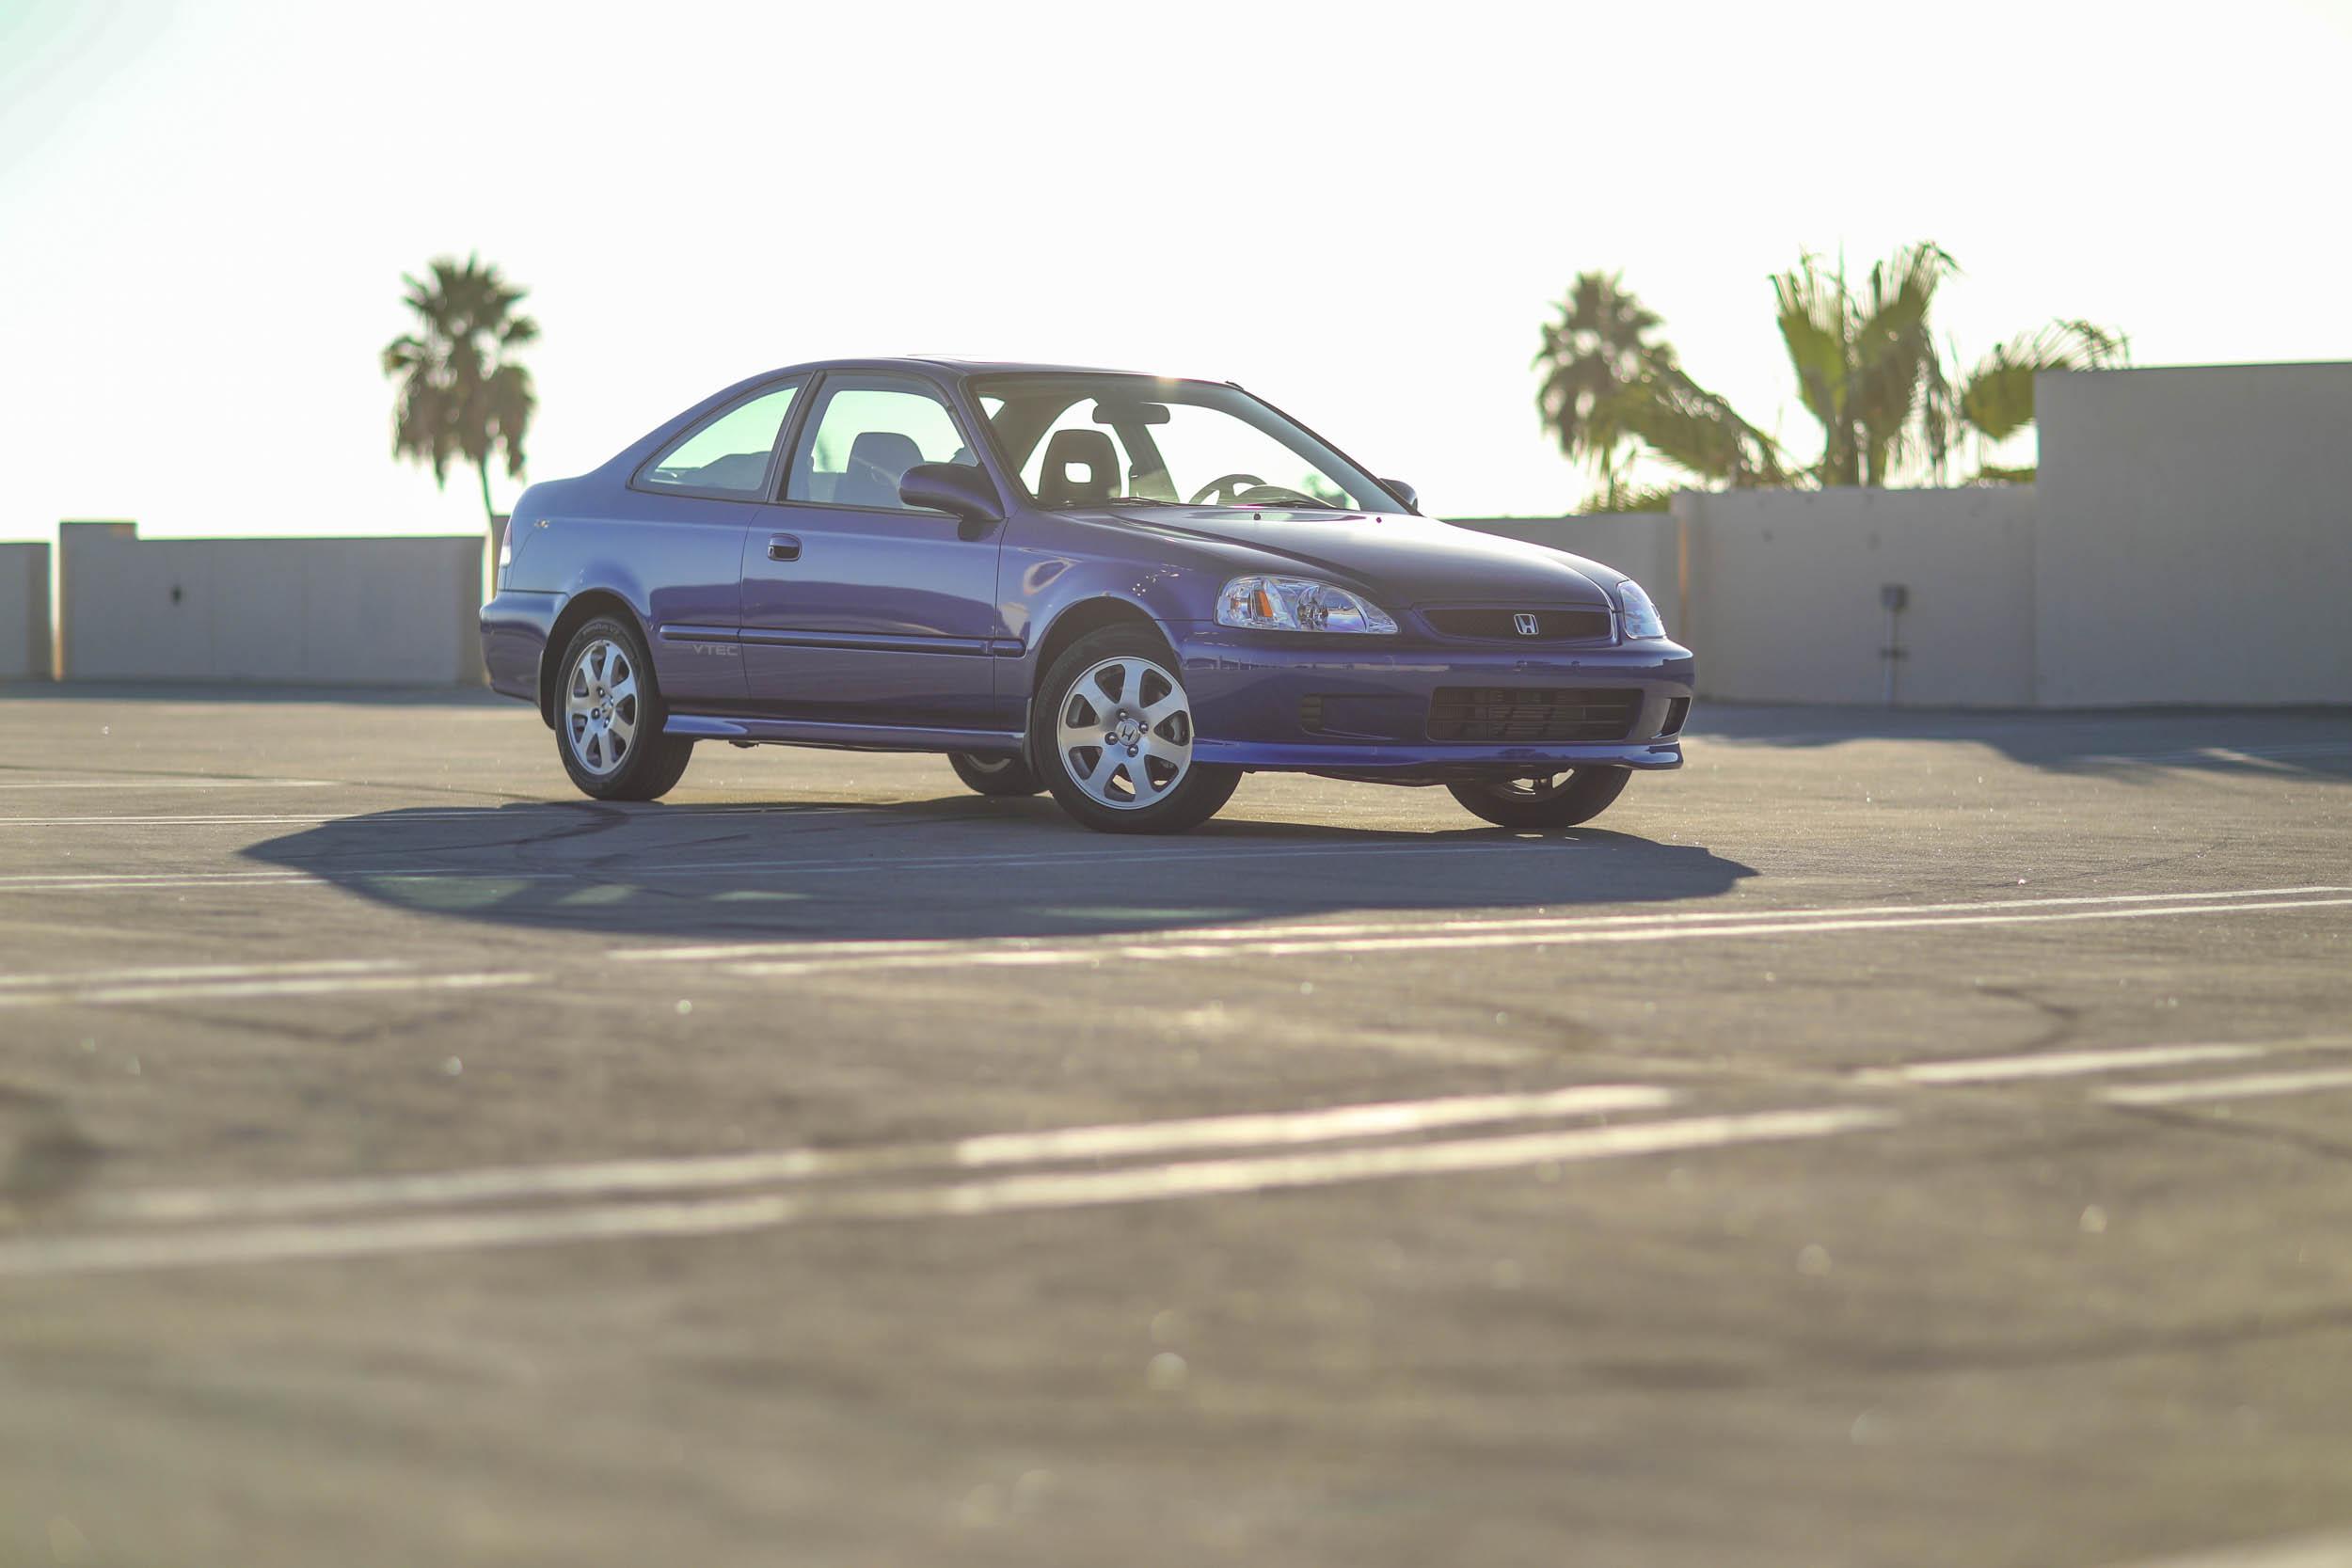 Honda Civic front 3/4